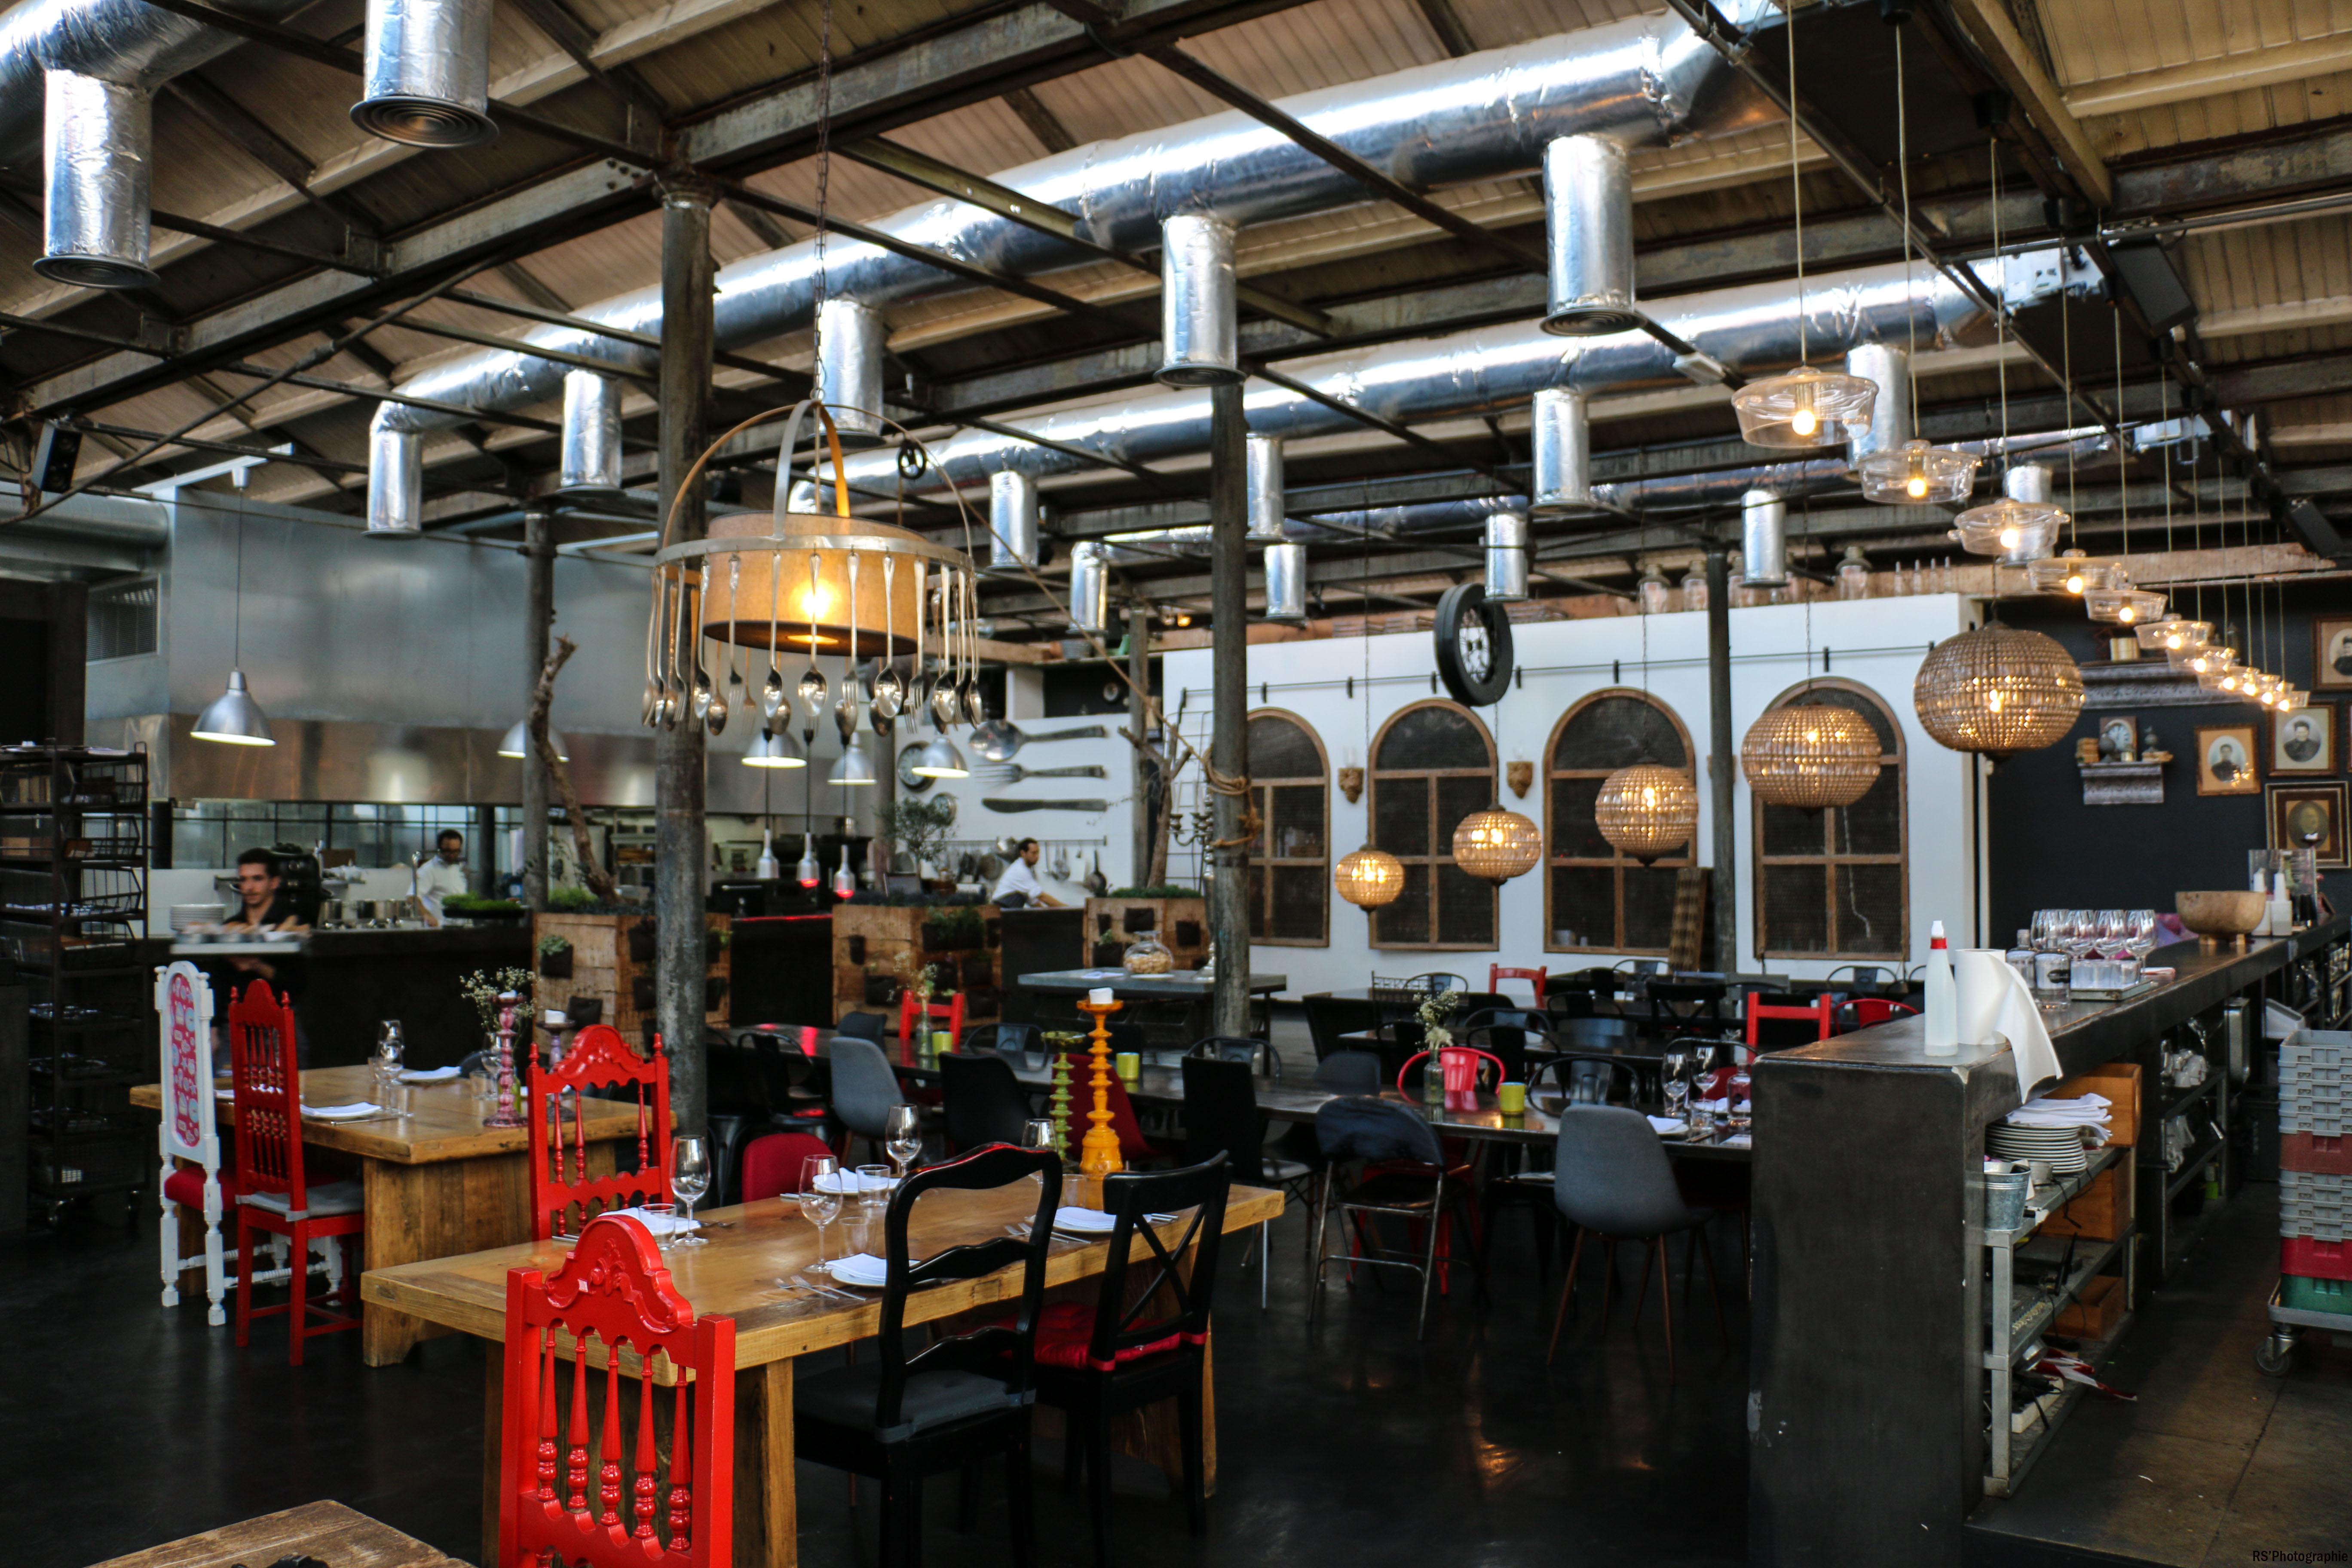 volvoXC402-volvo-xc40-restaurant- a praça-Arnaud Demasier-RSPhotographie